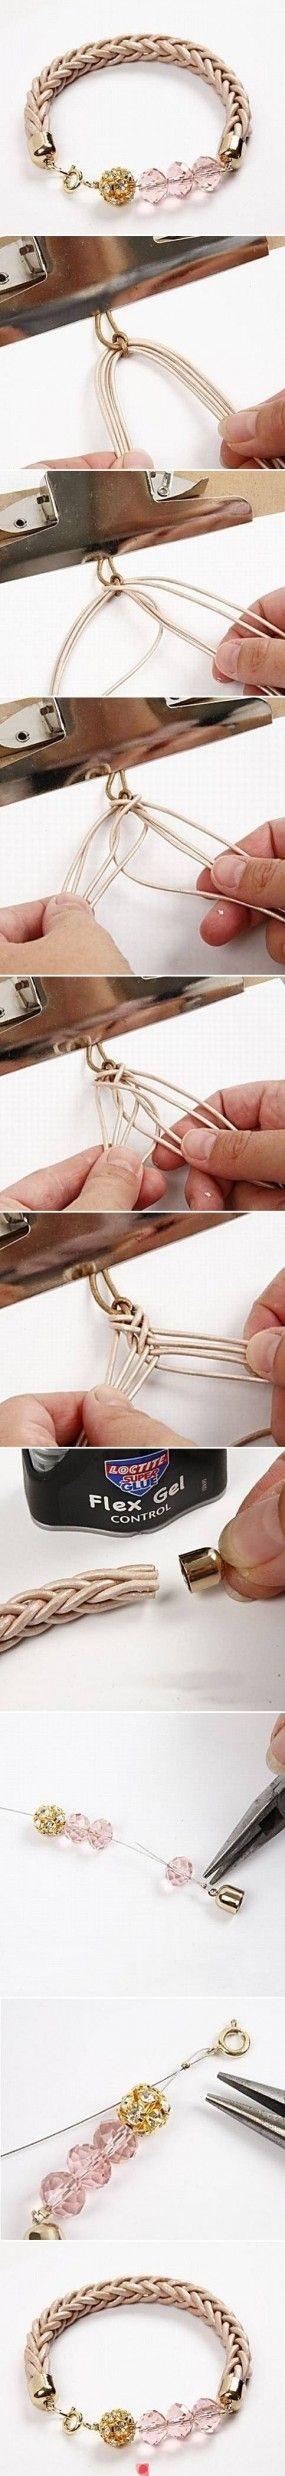 фото мастер-класс по плетению объемного шнура